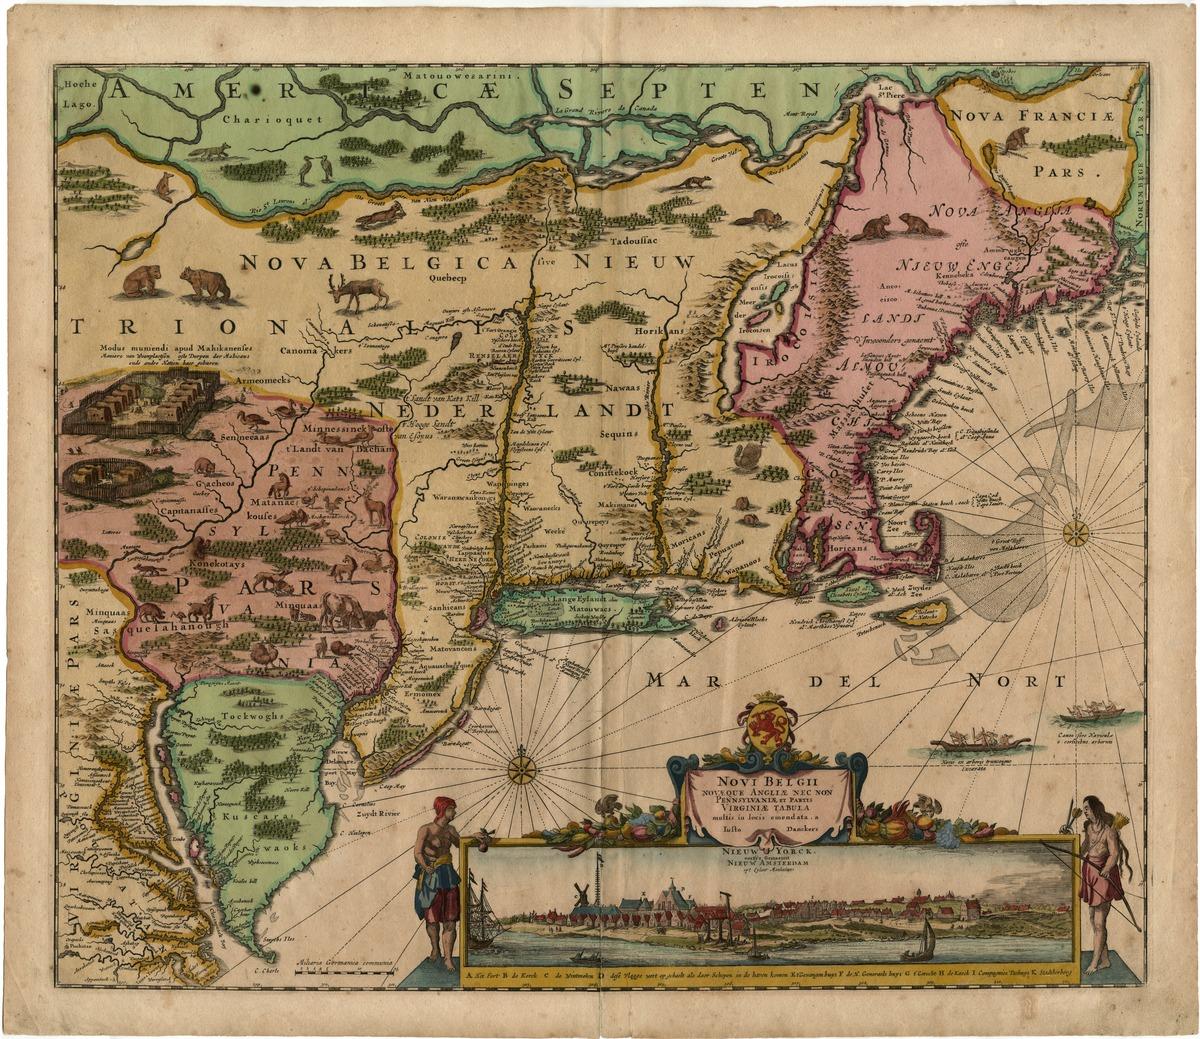 Novi Belgii novaeque Angliae nec non Pennsylvaniae et partis Virginiae tabula multis in locis emendata, a Iusto Danckers